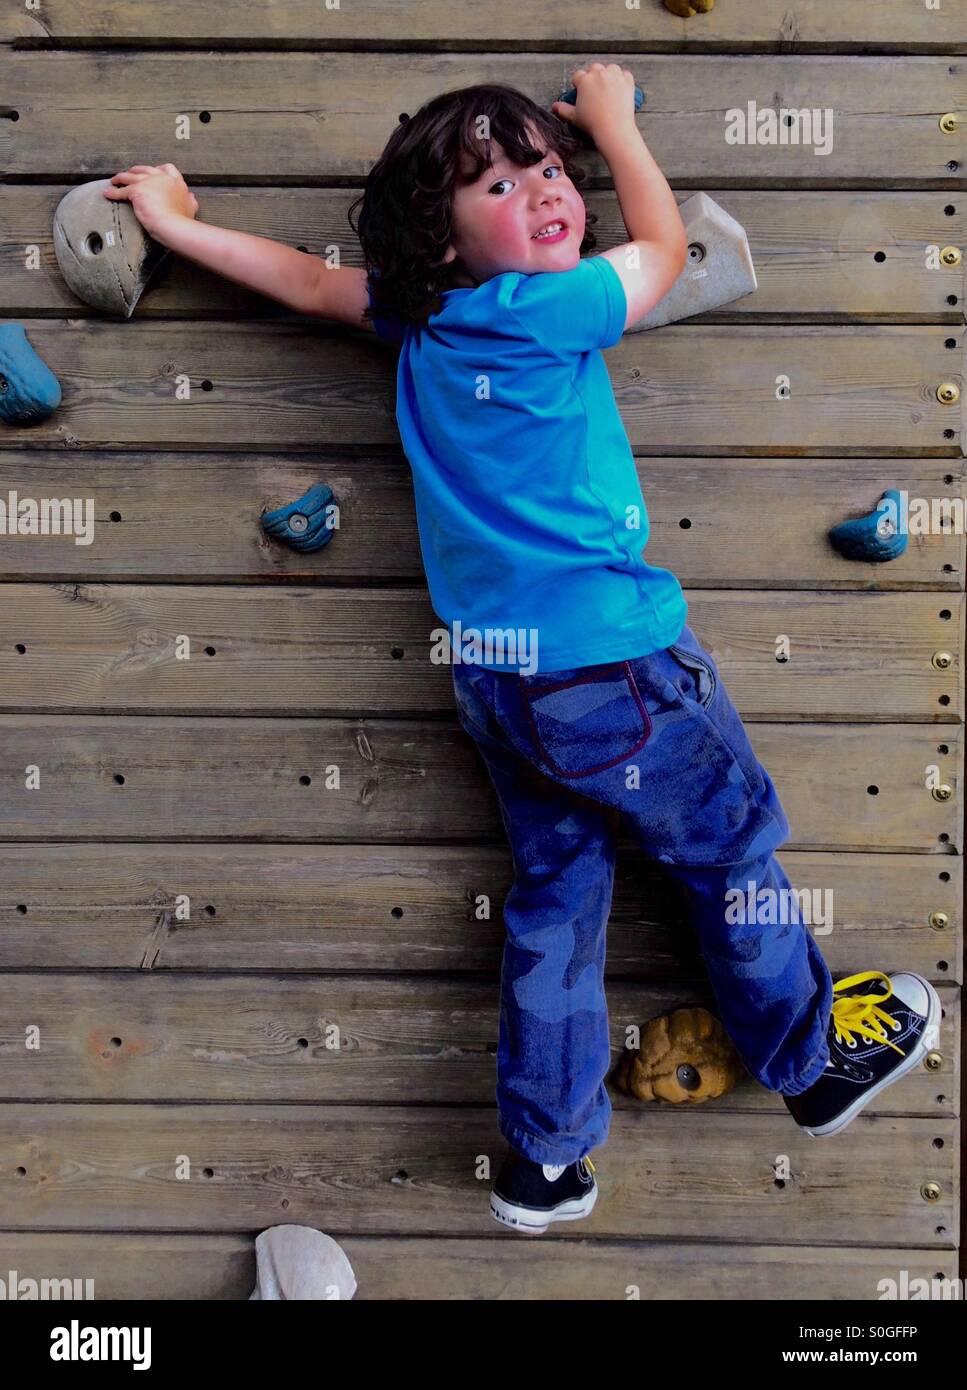 Niño de 4 años en la pared de escalada Imagen De Stock